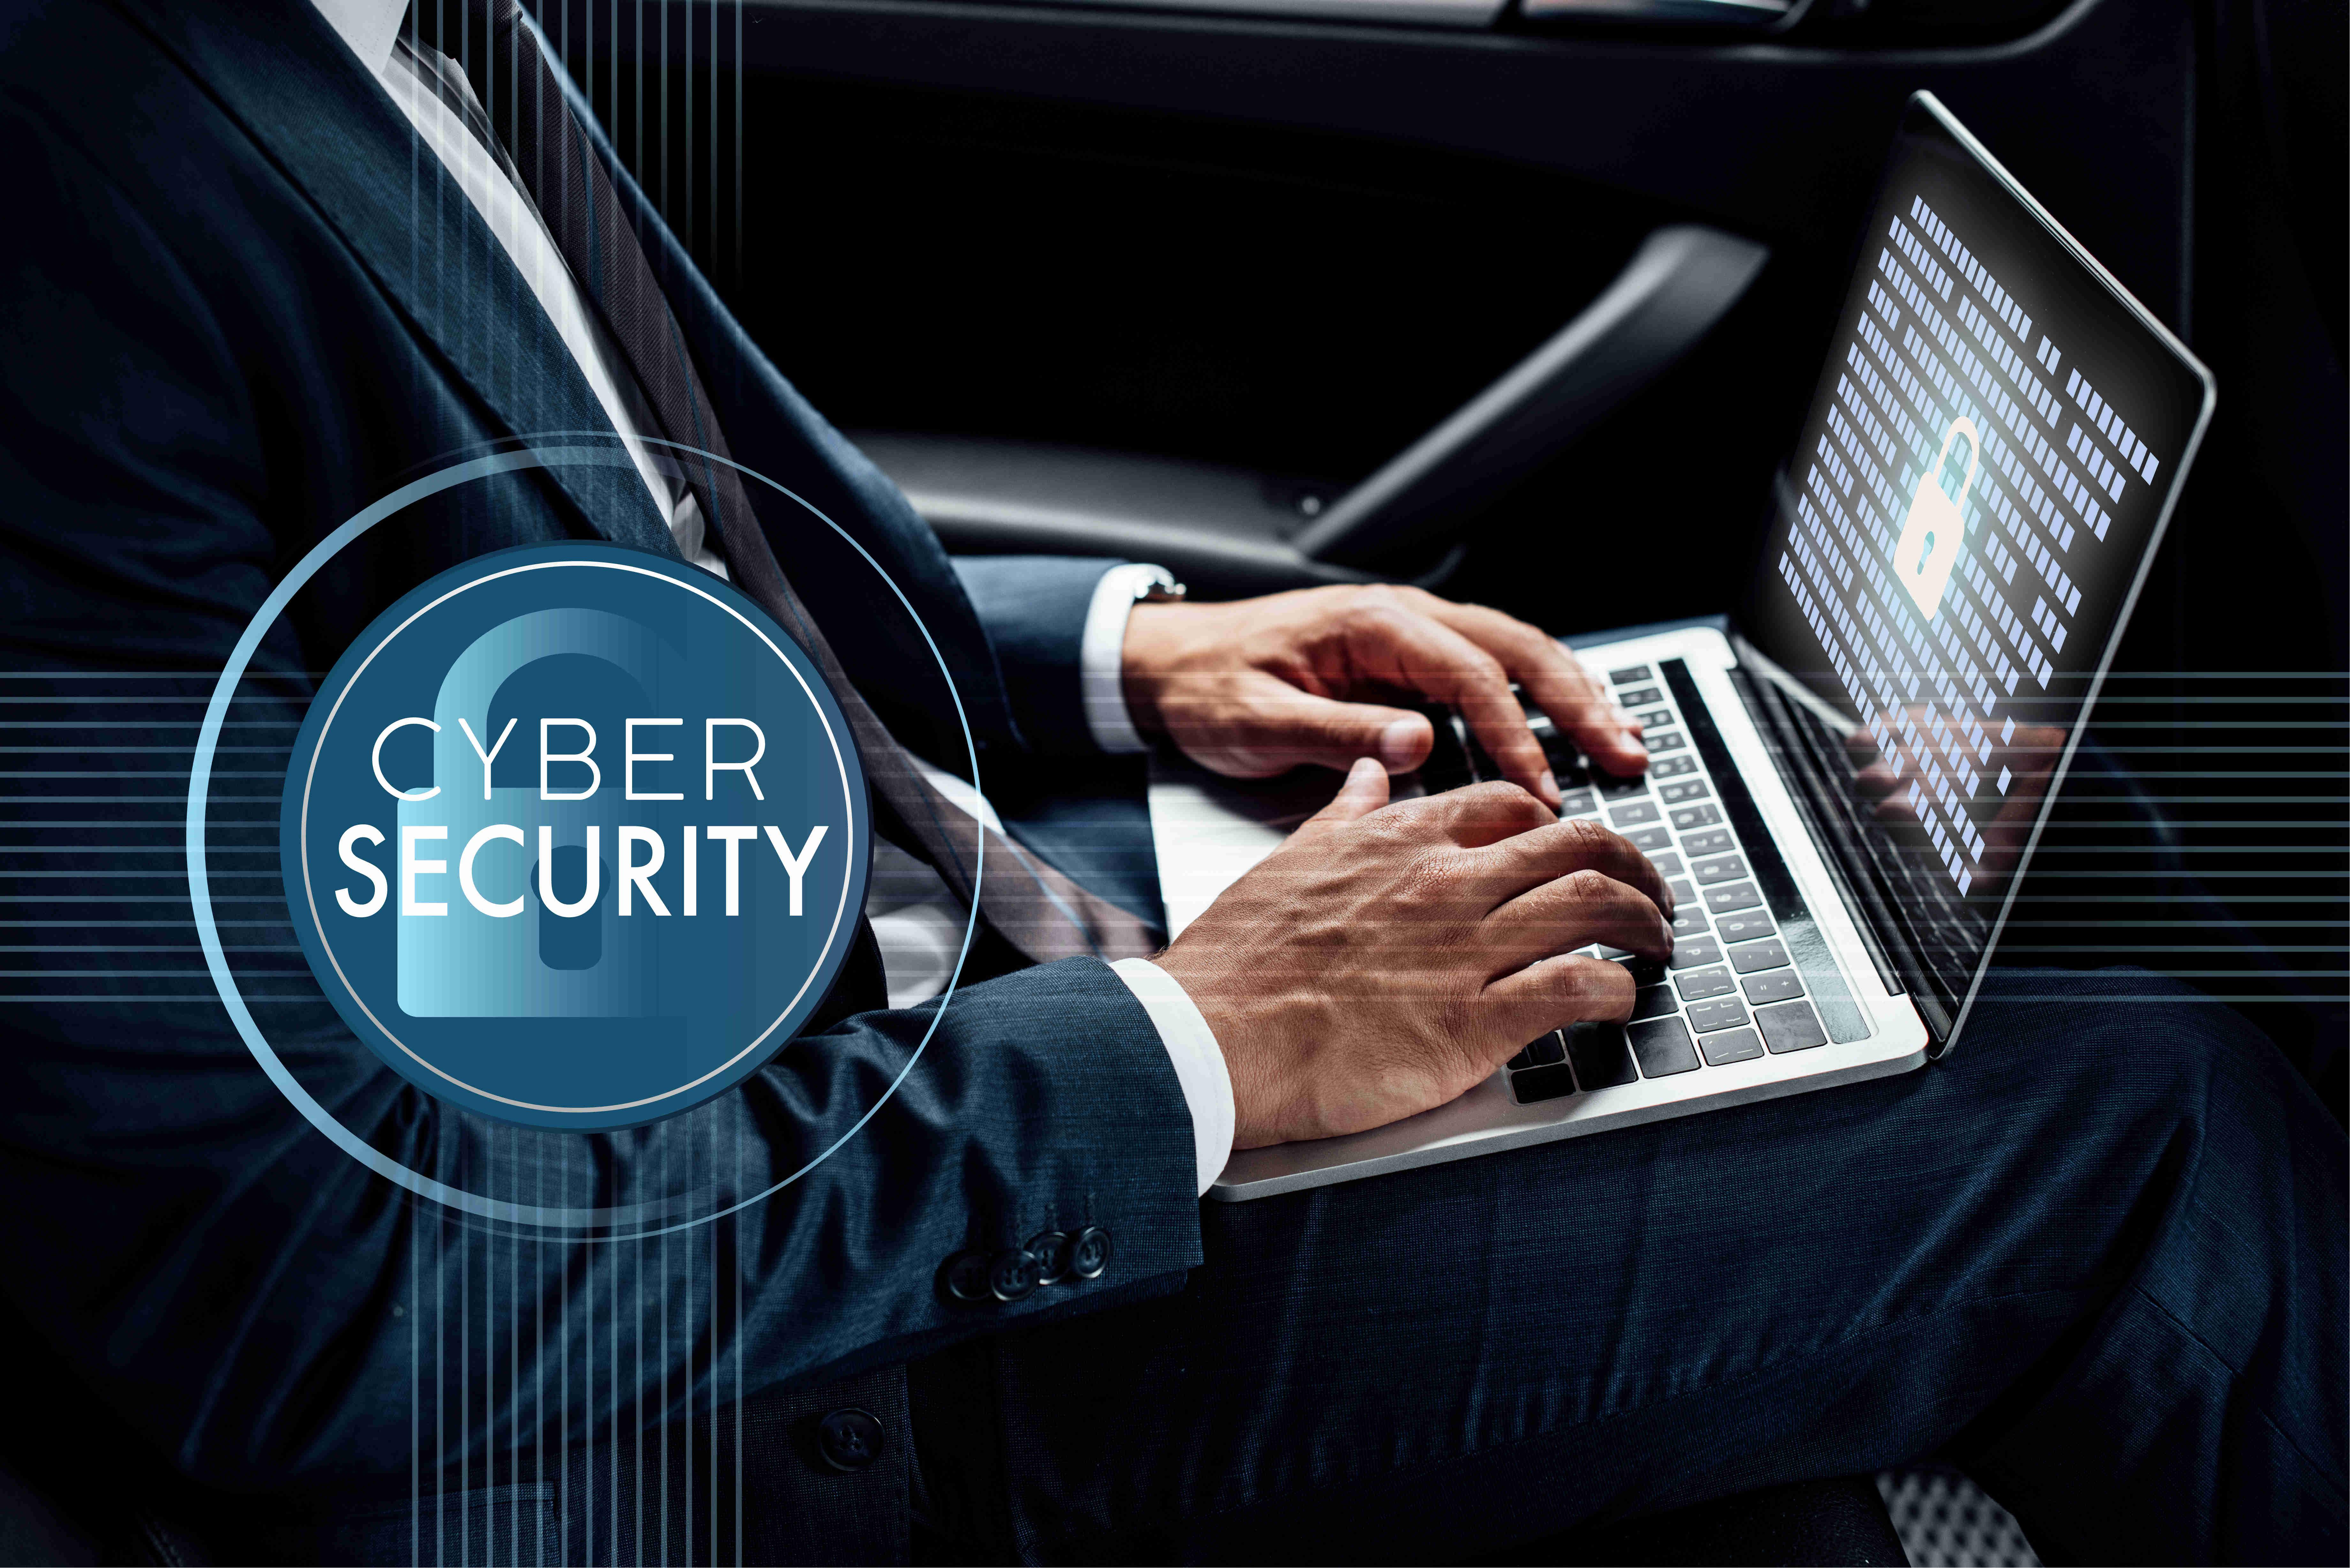 Novos tempos pedem novos olhares e ações em Monitoramento de TI, para inibir ameaças e evitar prejuízos de vários tipos. Veja aqui o que fazer.